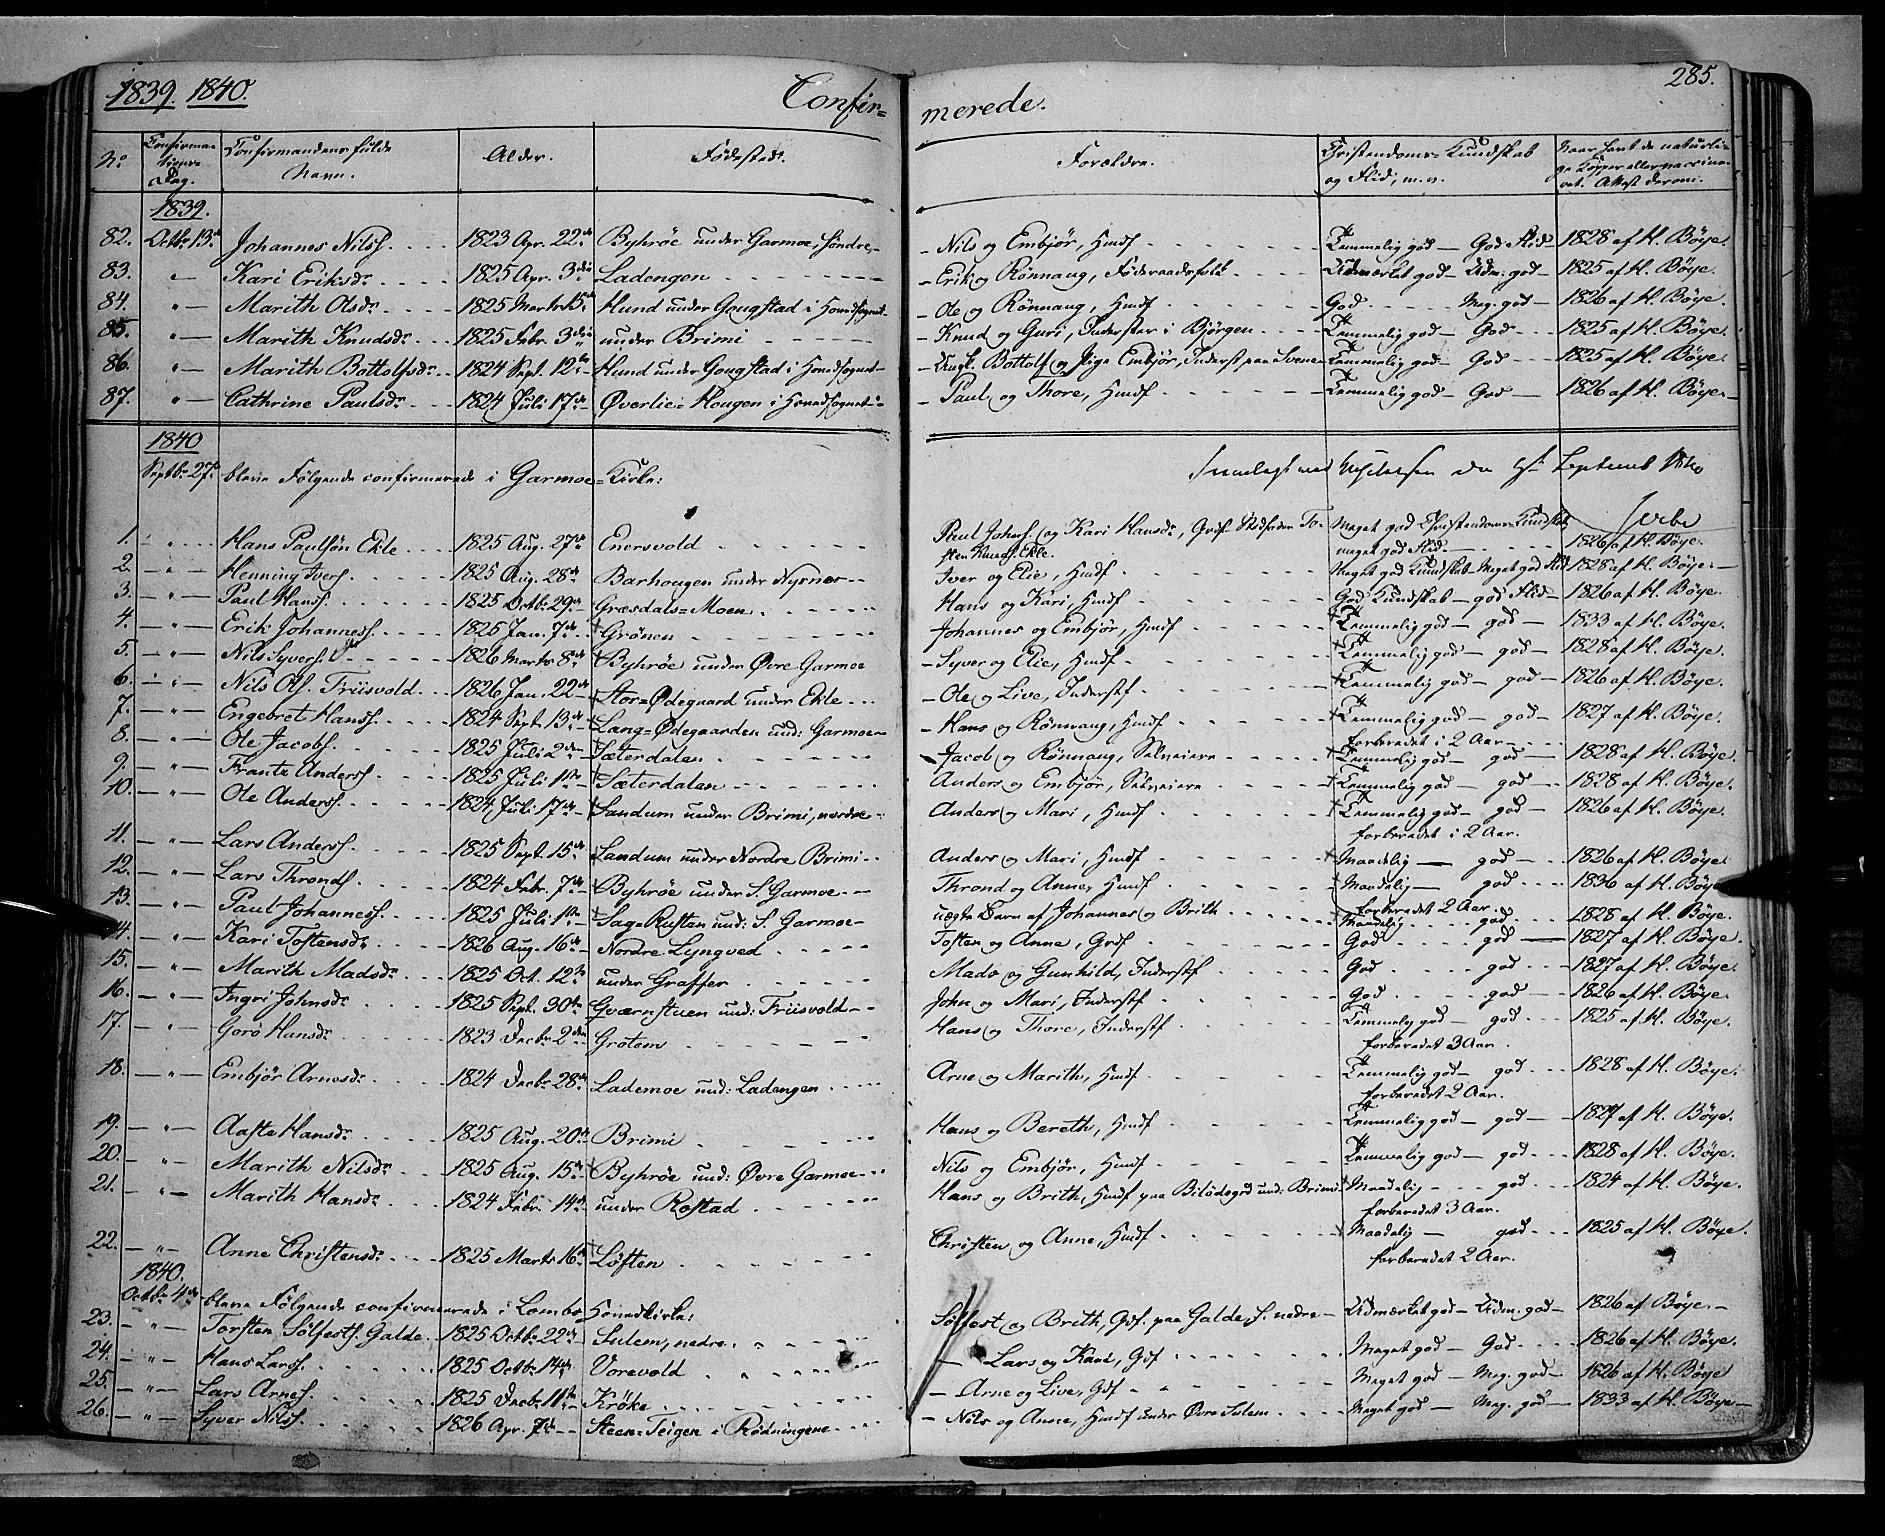 SAH, Lom prestekontor, K/L0006: Ministerialbok nr. 6A, 1837-1863, s. 285